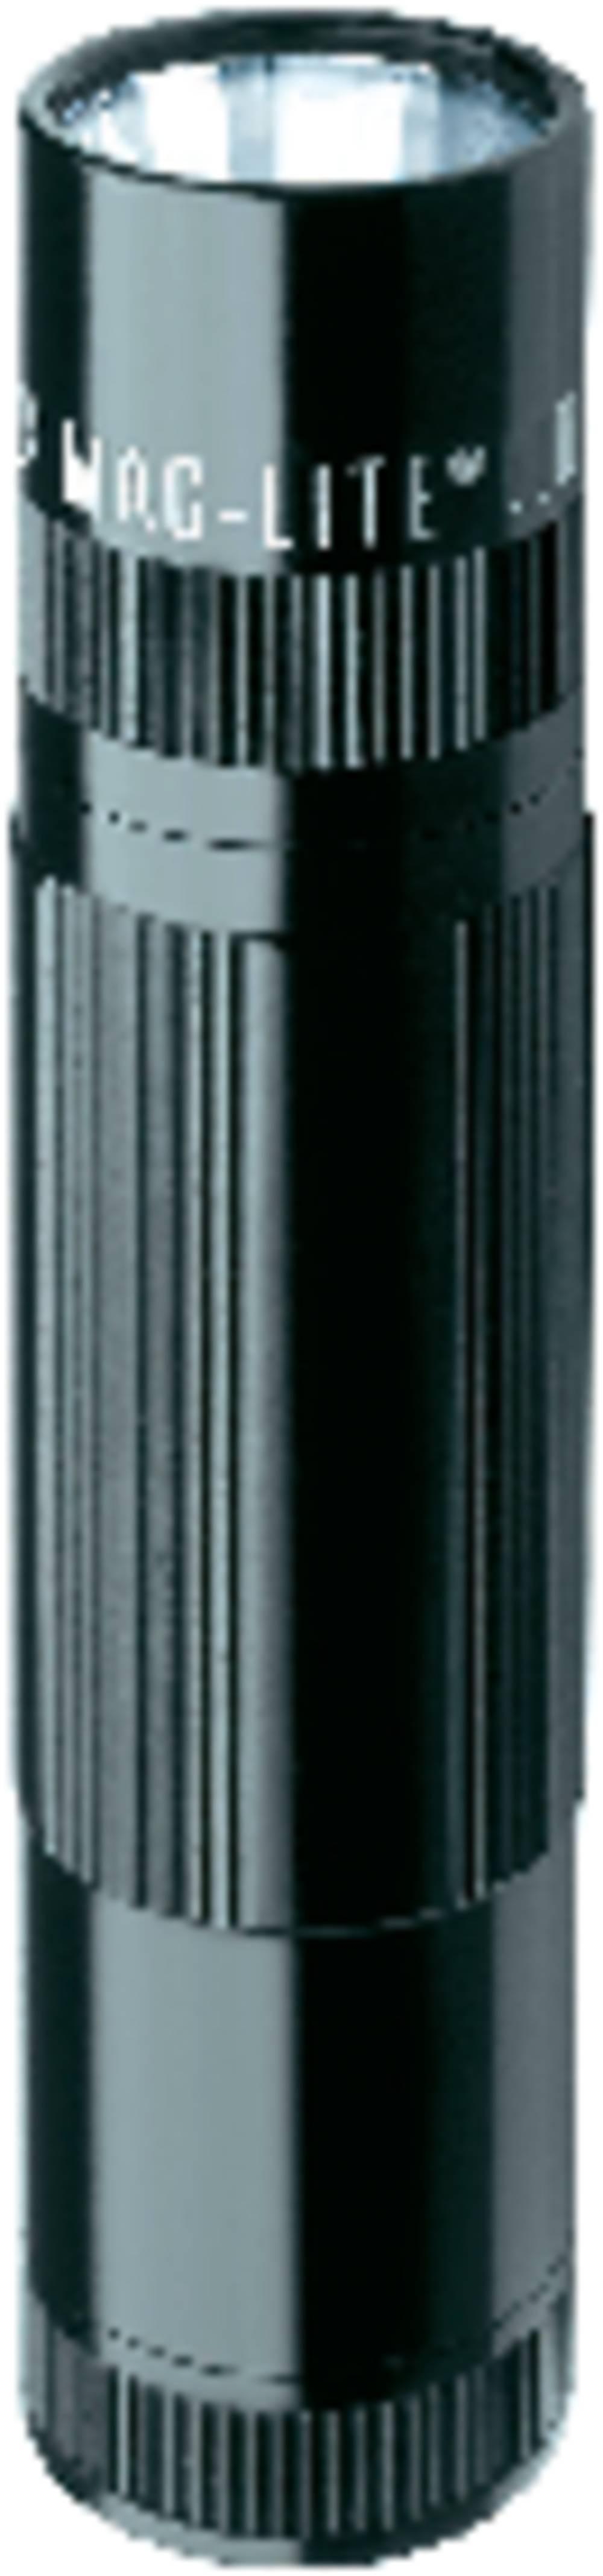 Mag-Lite ® LED Xl100 Black from Conrad.com